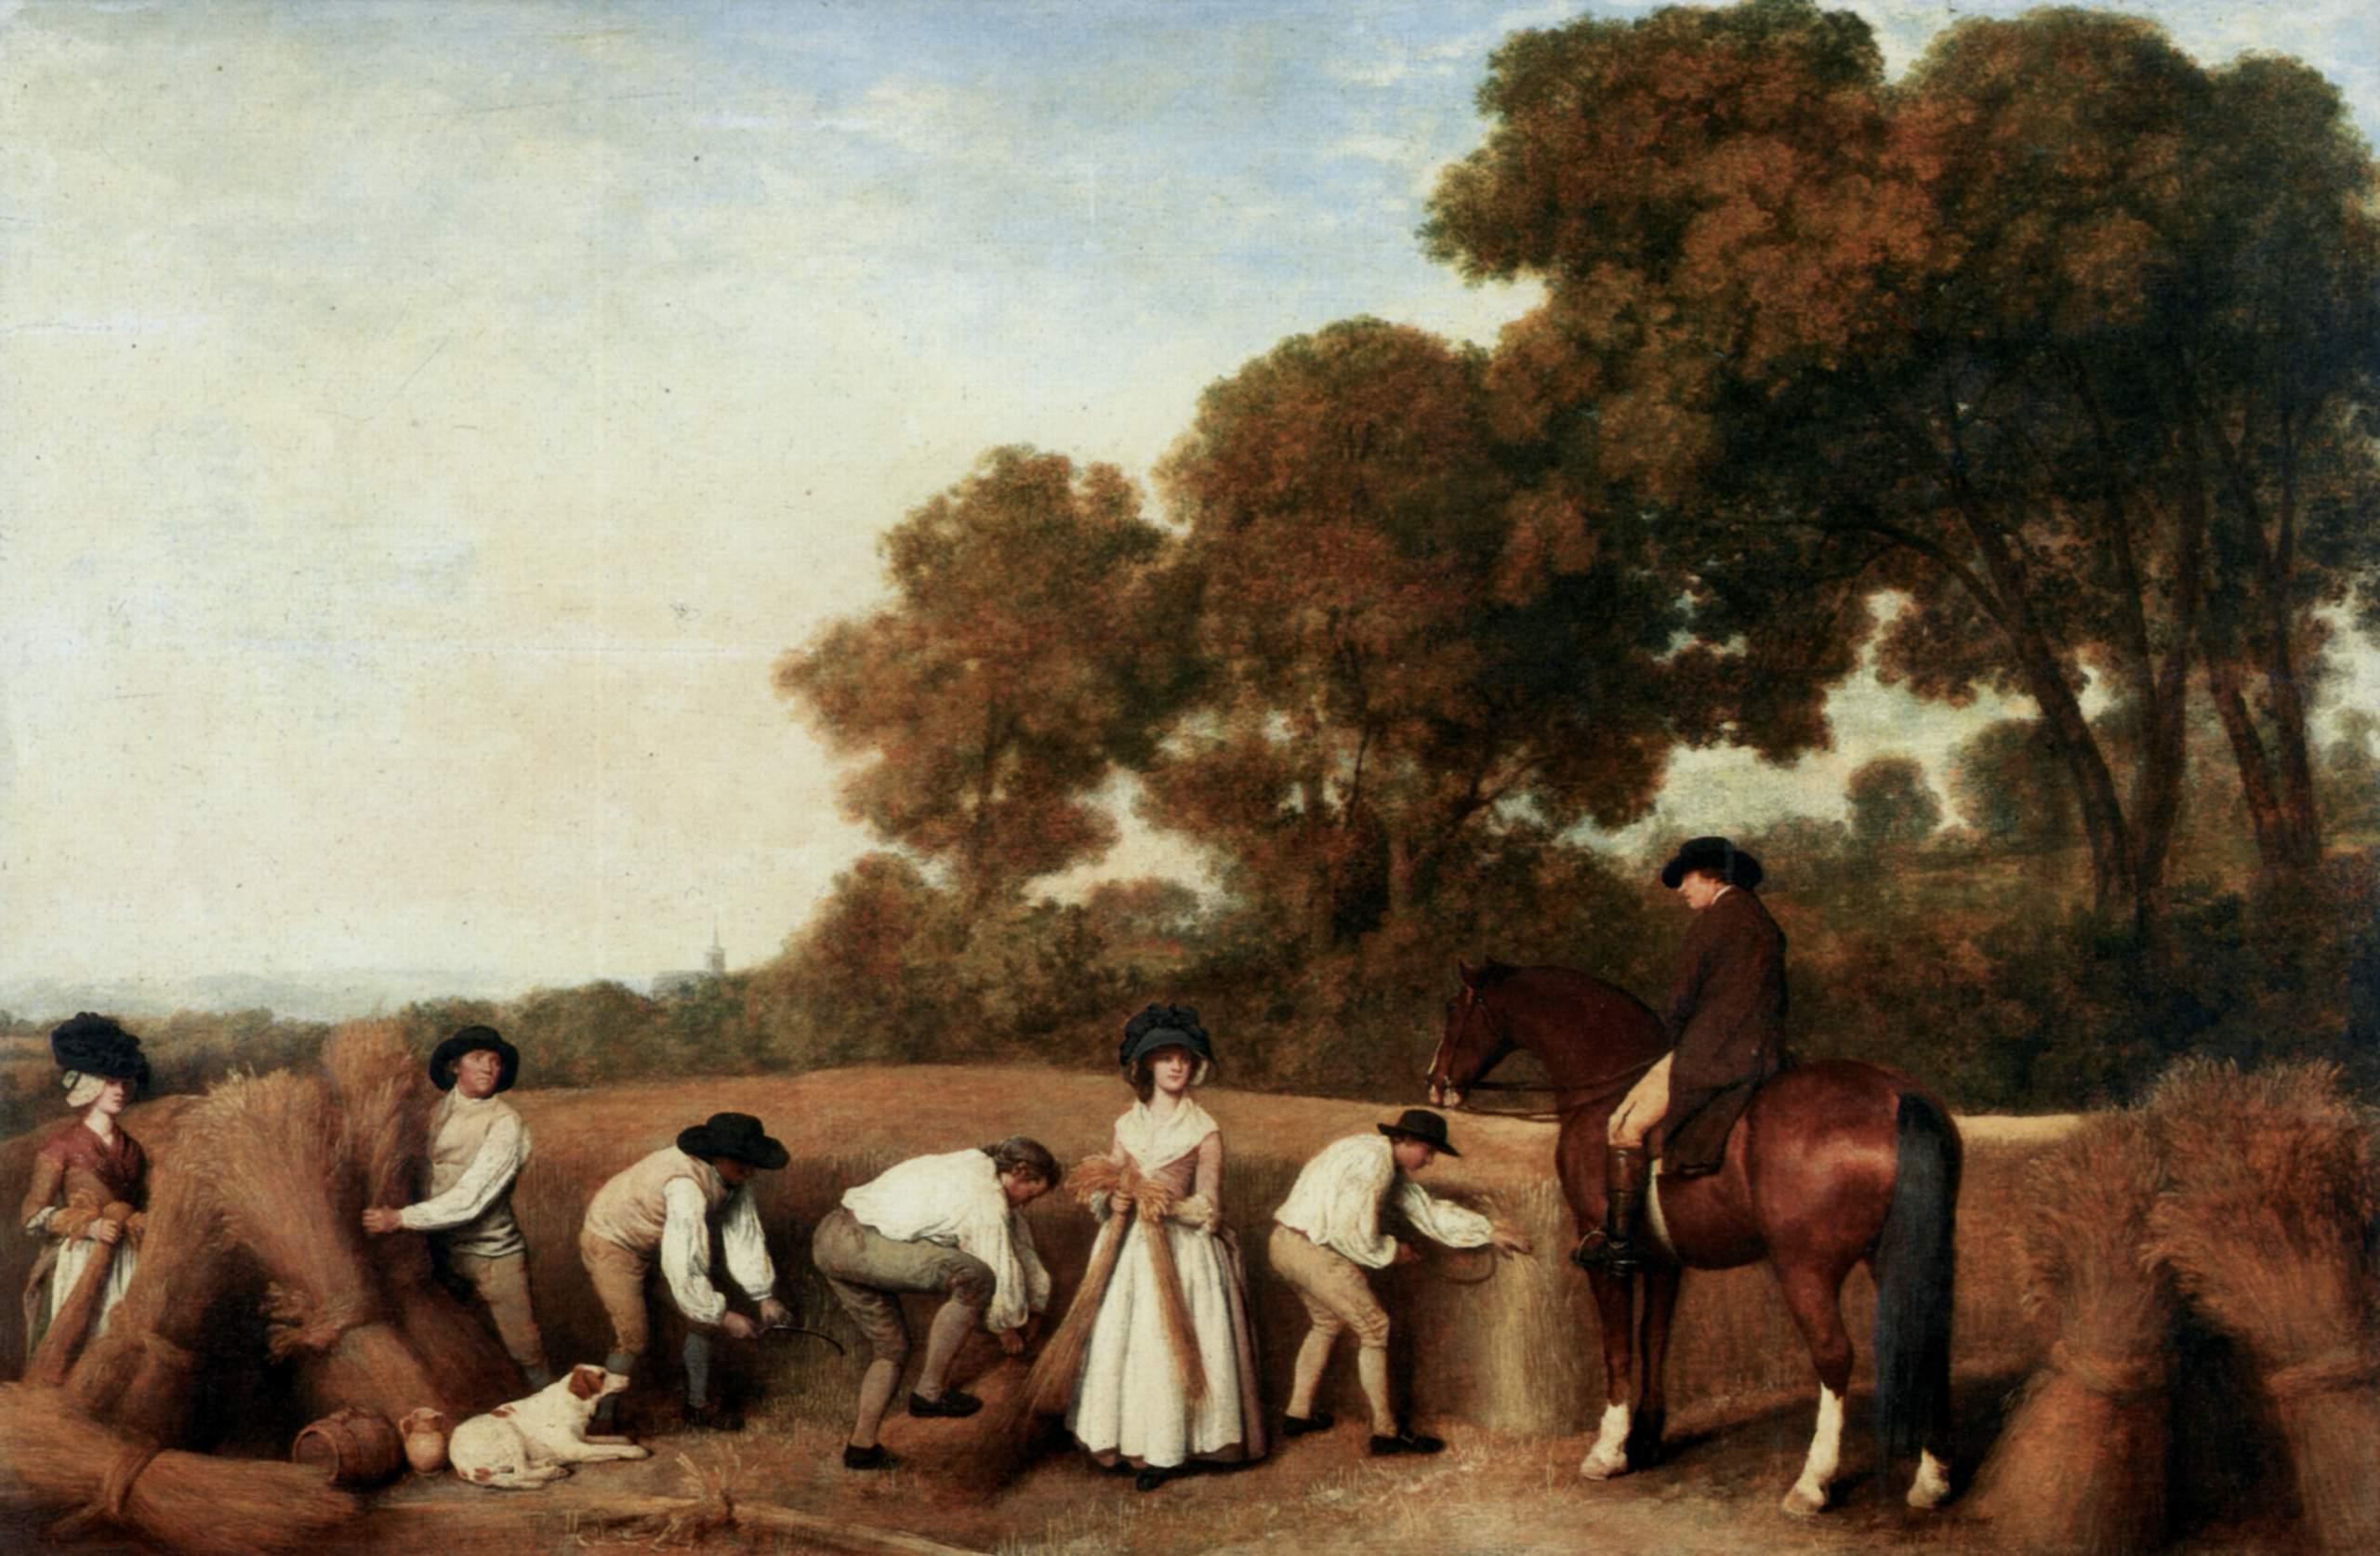 Bauern im Jahr 1785 bei der Kornernte auf dem Feld. Foto: The Yorck Project.